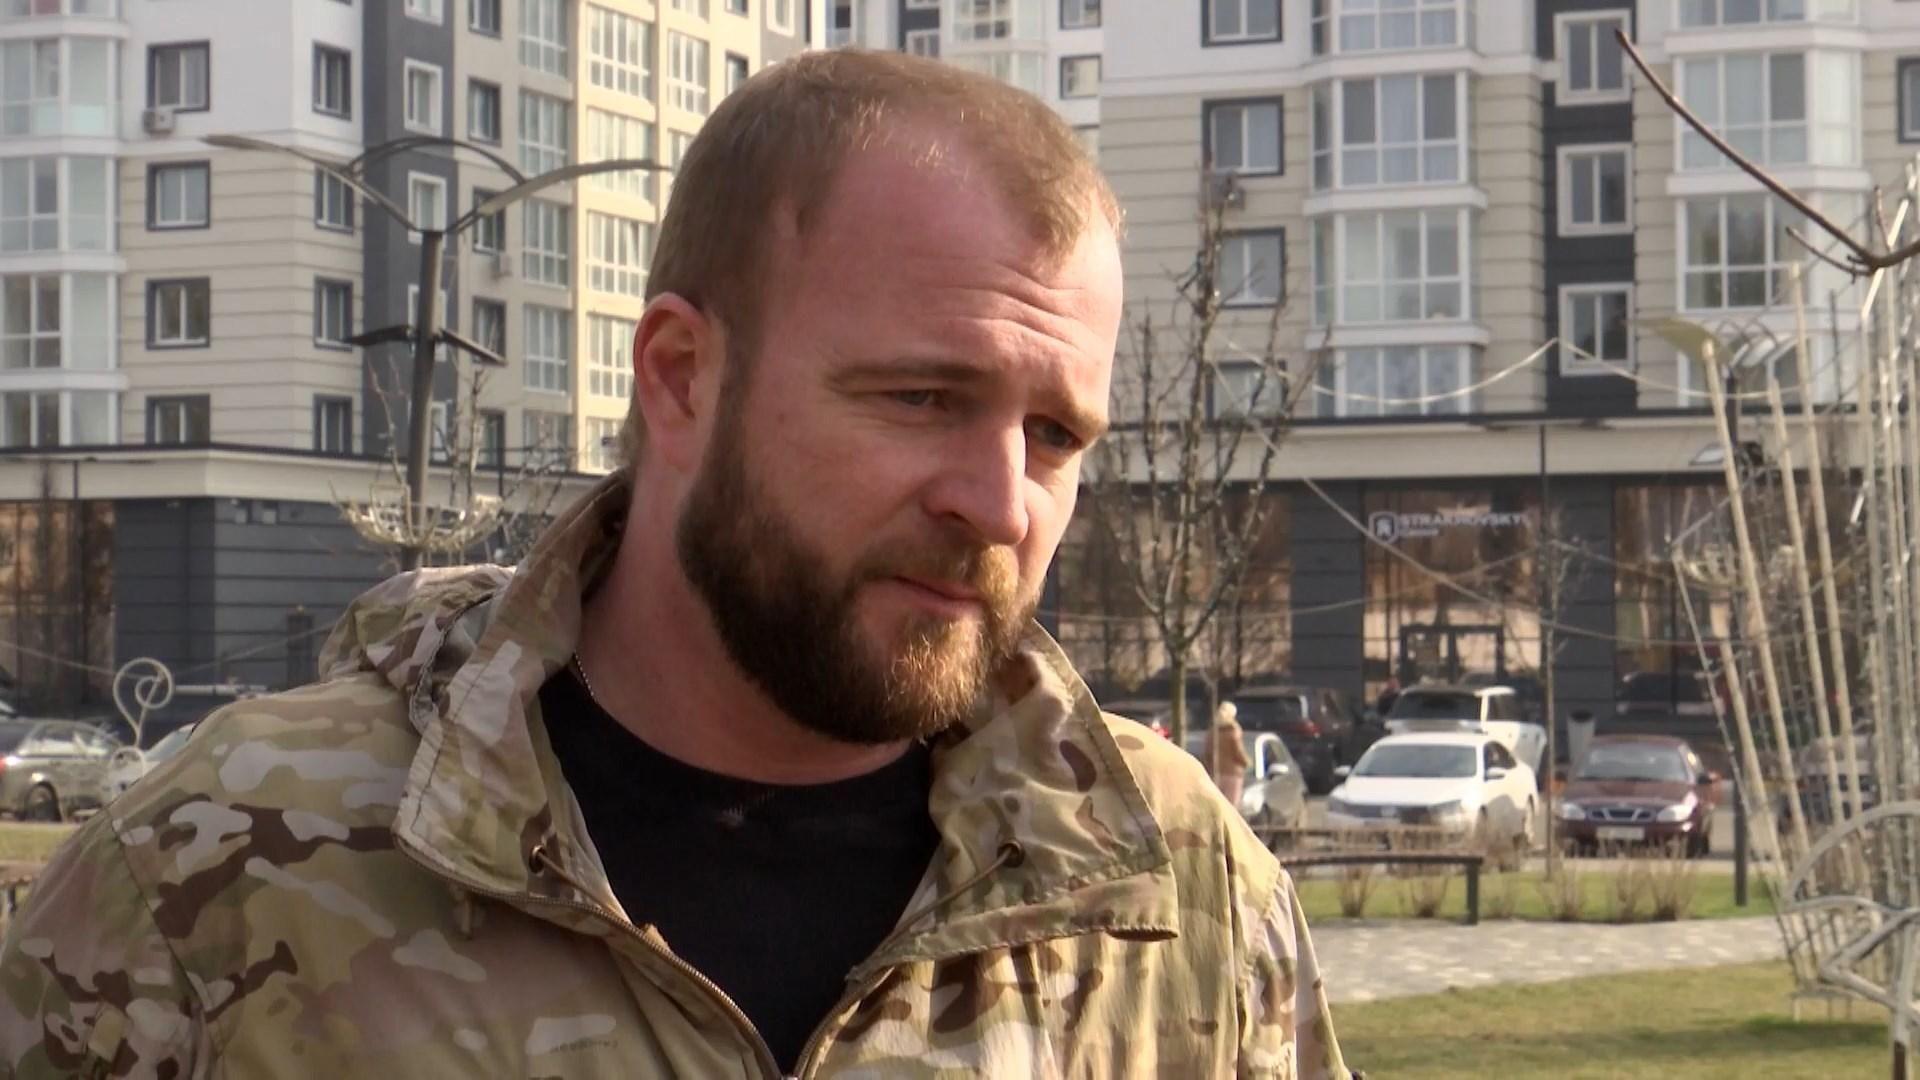 Говорить о глобальном разведении участков нельзя, – ветеран АТО - Новости России и Украины - 24 Канал